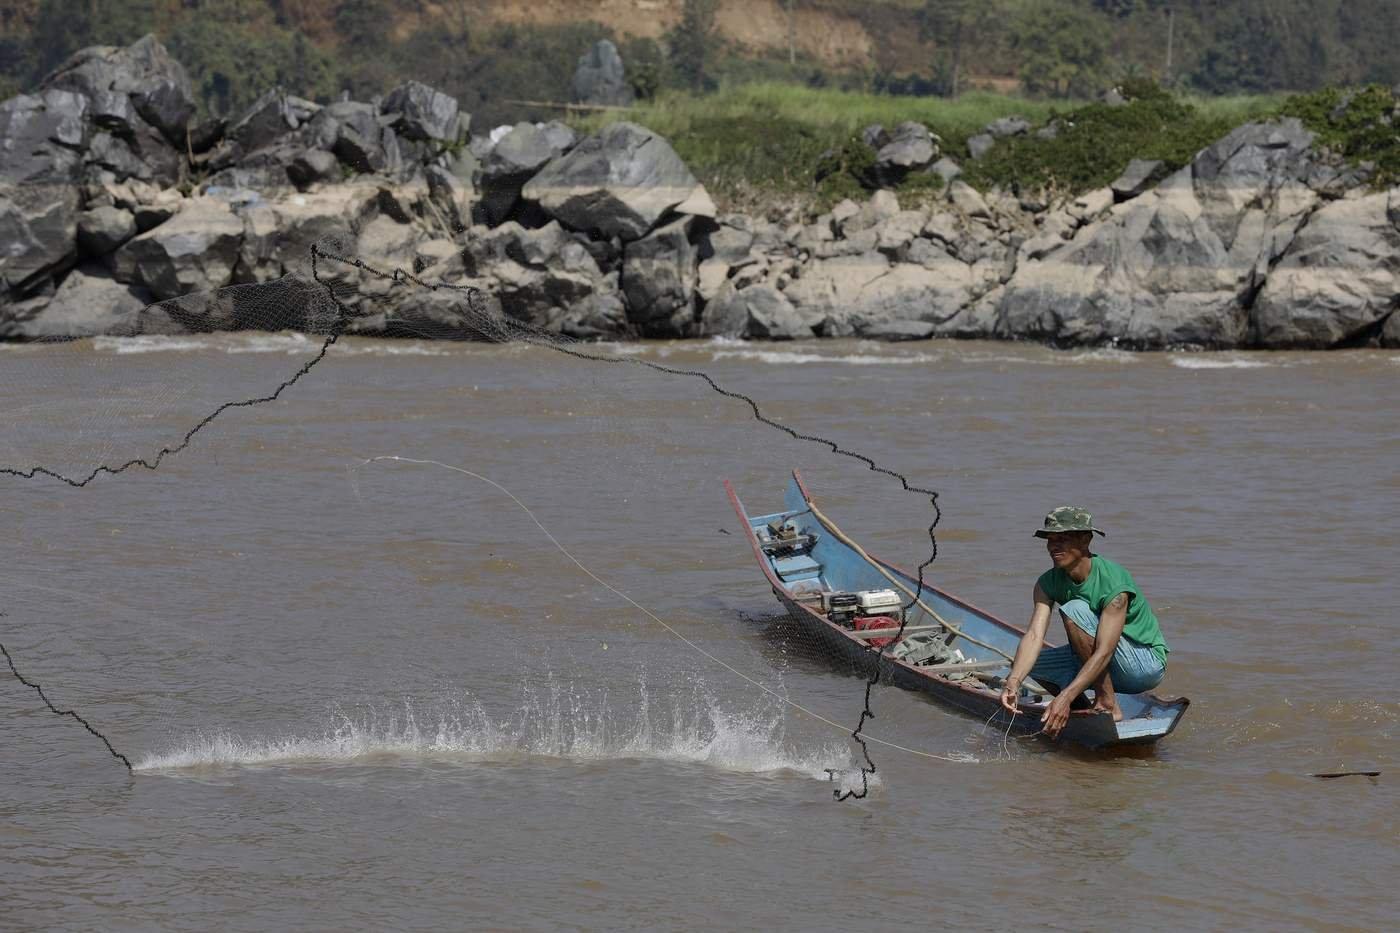 泰國漁民在位於泰國最北部地區的湄公河撒網捕魚。